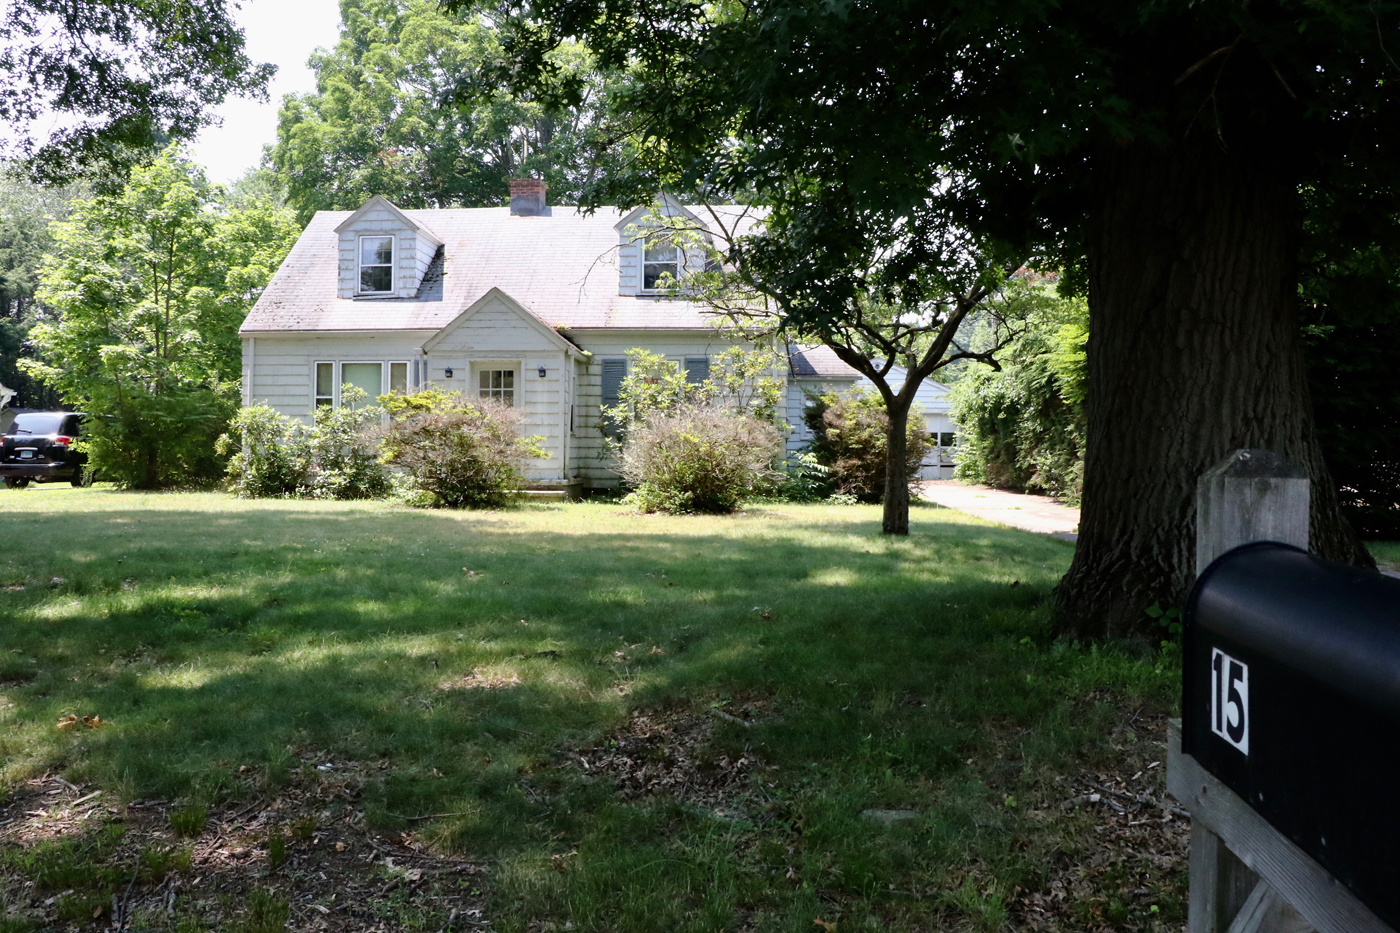 Real Estate - WestportNow.com - Westport, Connecticut\'s 24-hours ...